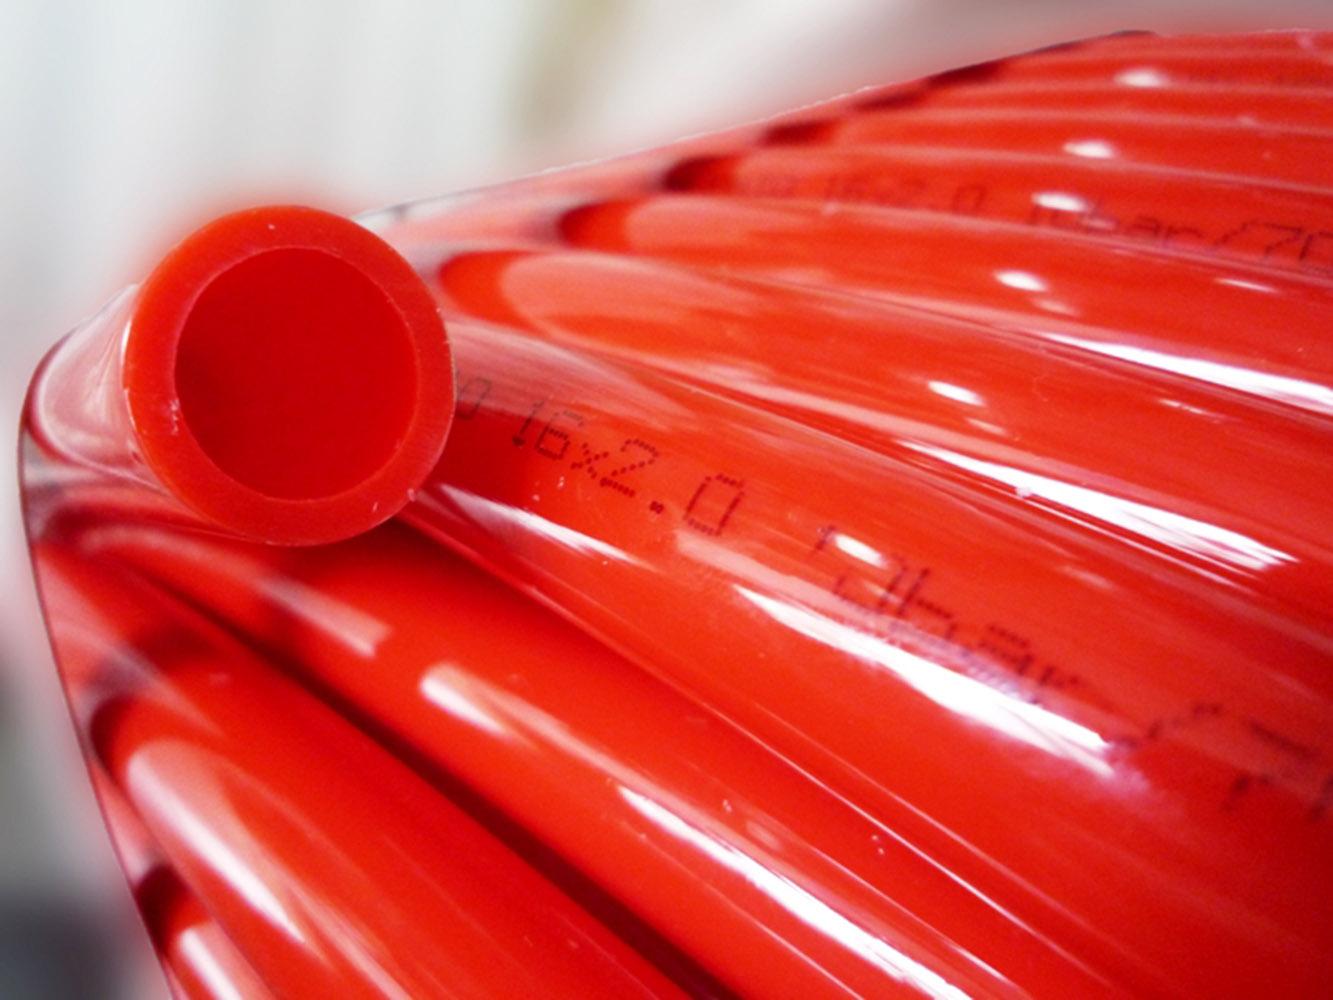 Сшитый полиэтилен или металлопластик для теплого пола: что 17